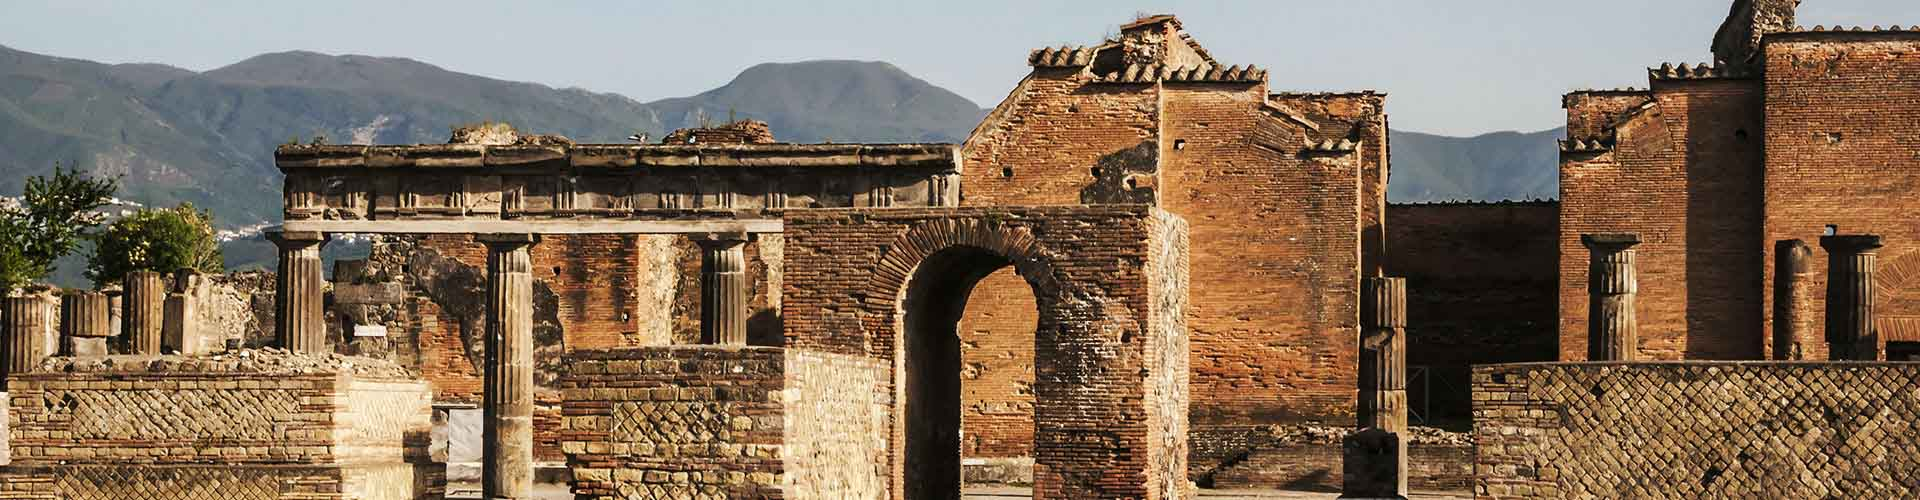 Pompeya - Habitaciones en Pompeya. Mapas de Pompeya, Fotos y comentarios de cada Habitación en Pompeya.